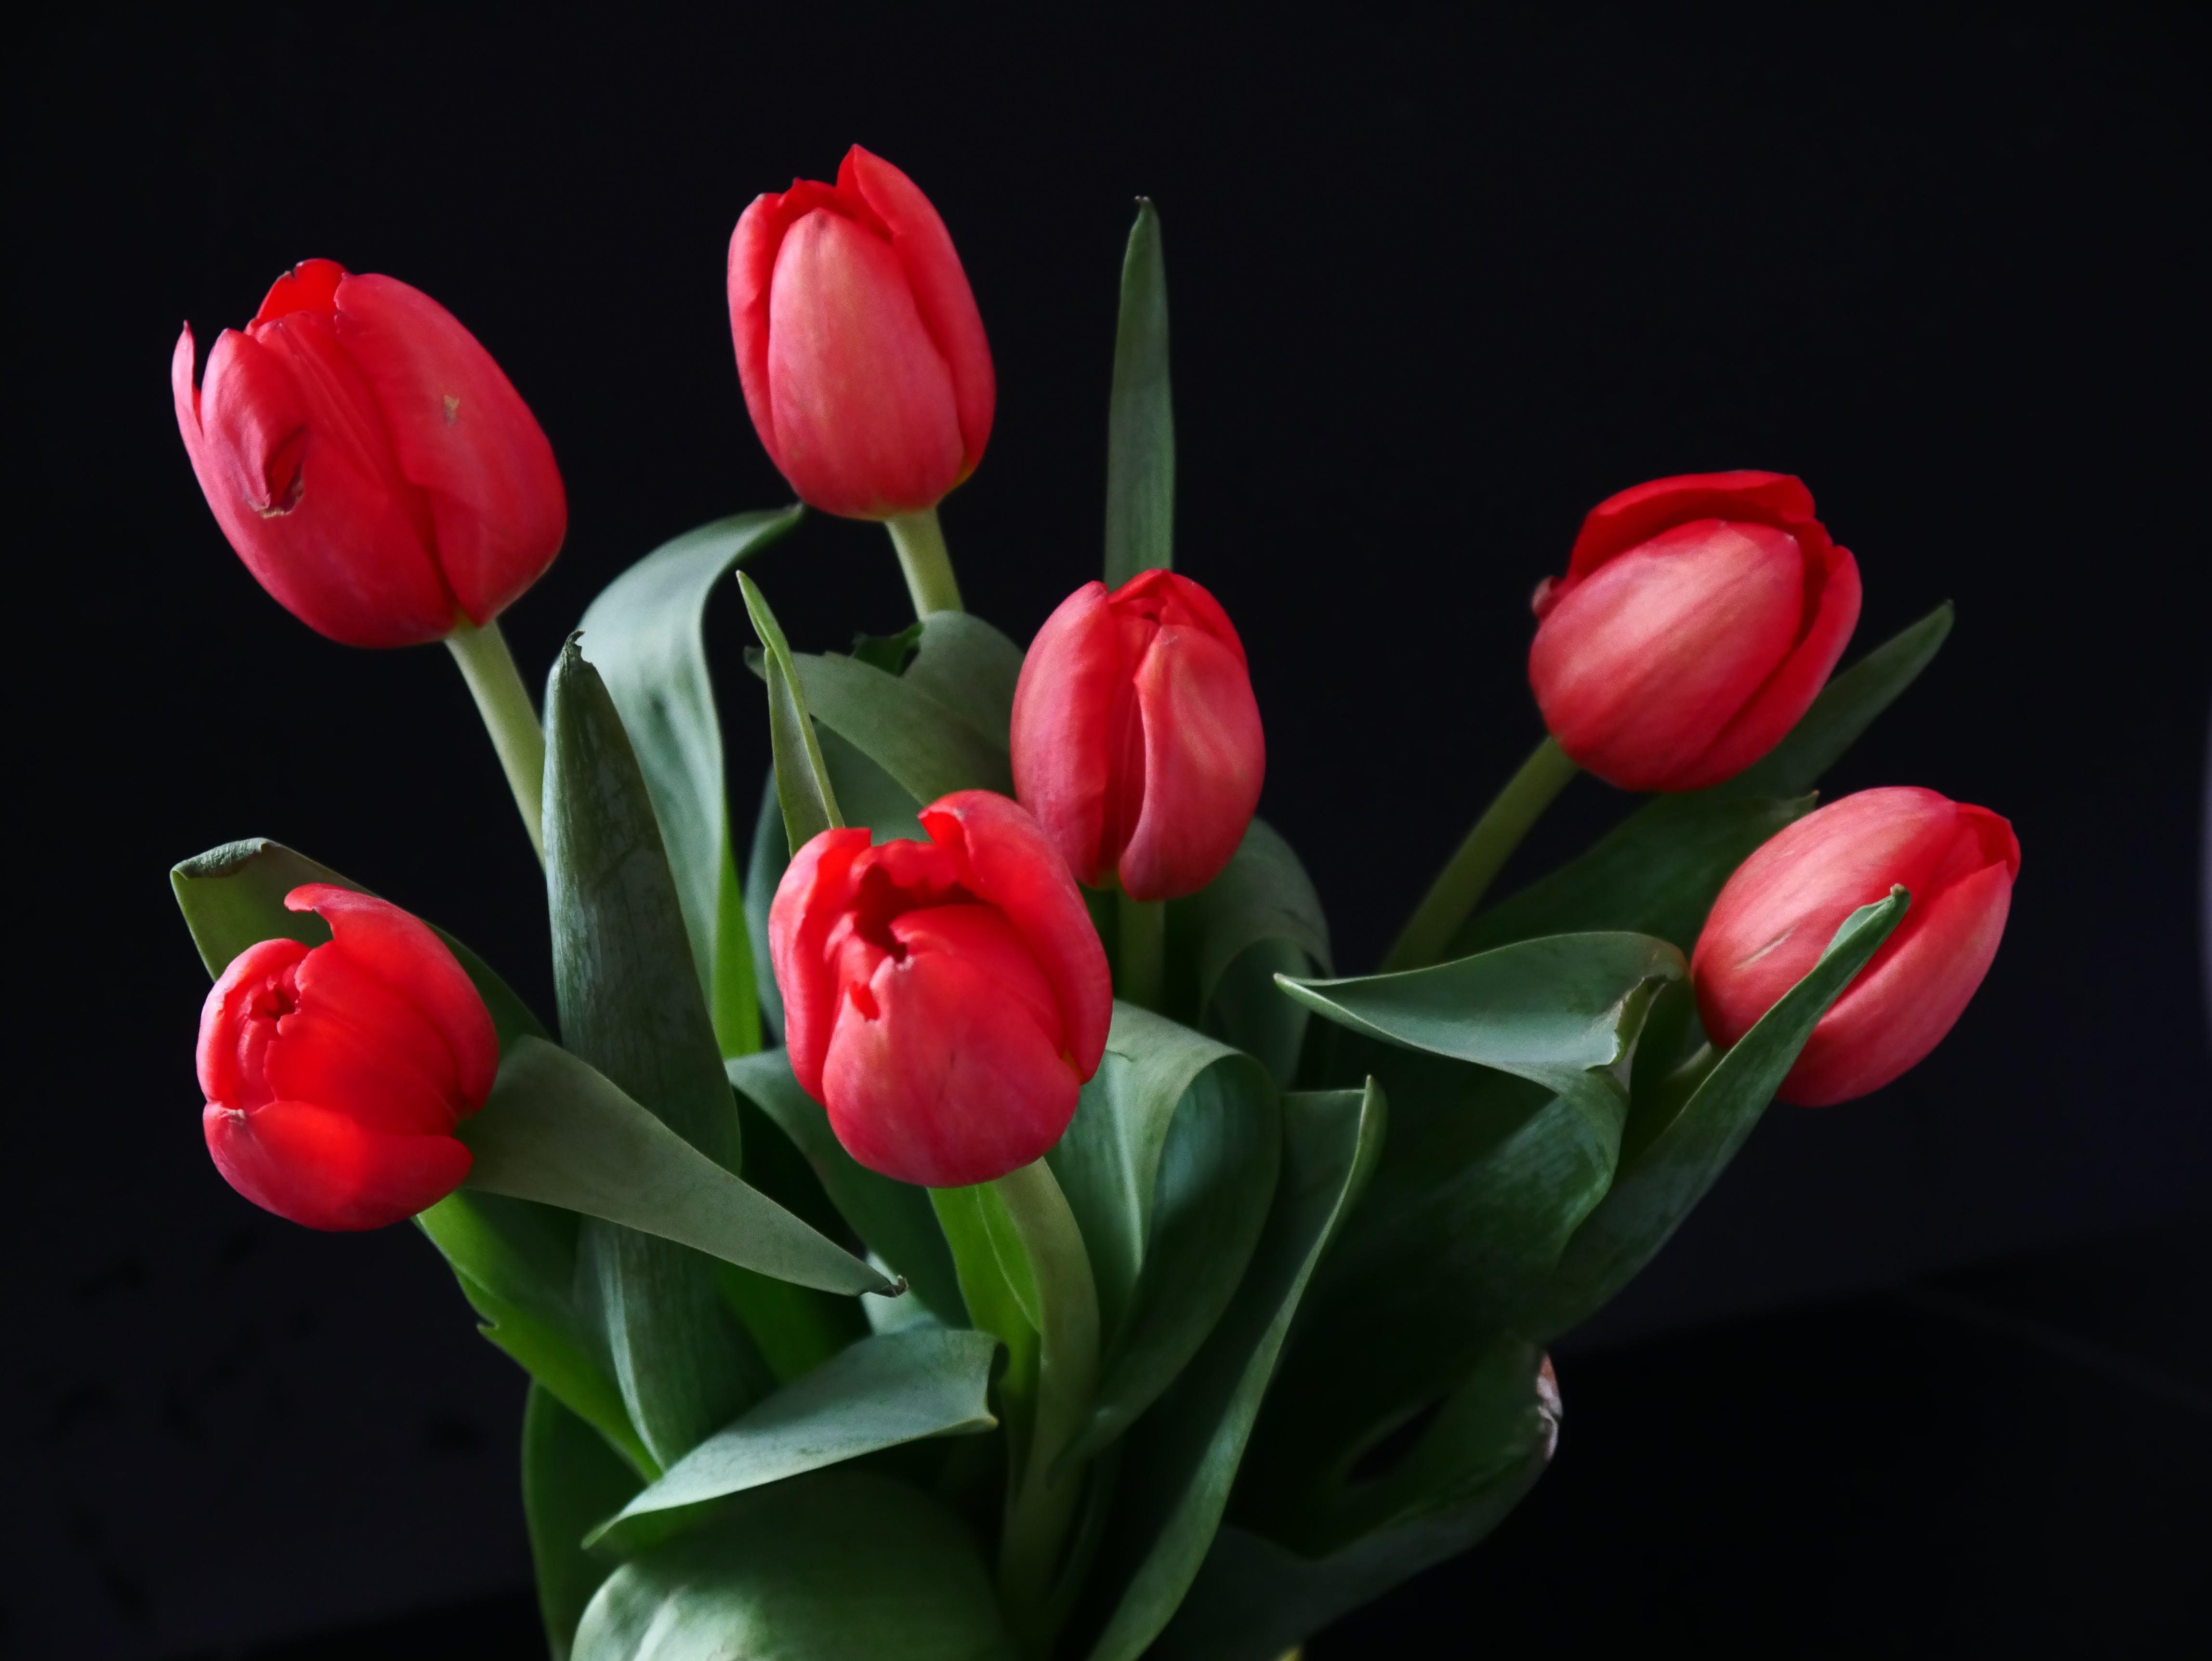 Kostenloses Stock Foto zu blumen, blumenstrauß, blüten, rote tulpen